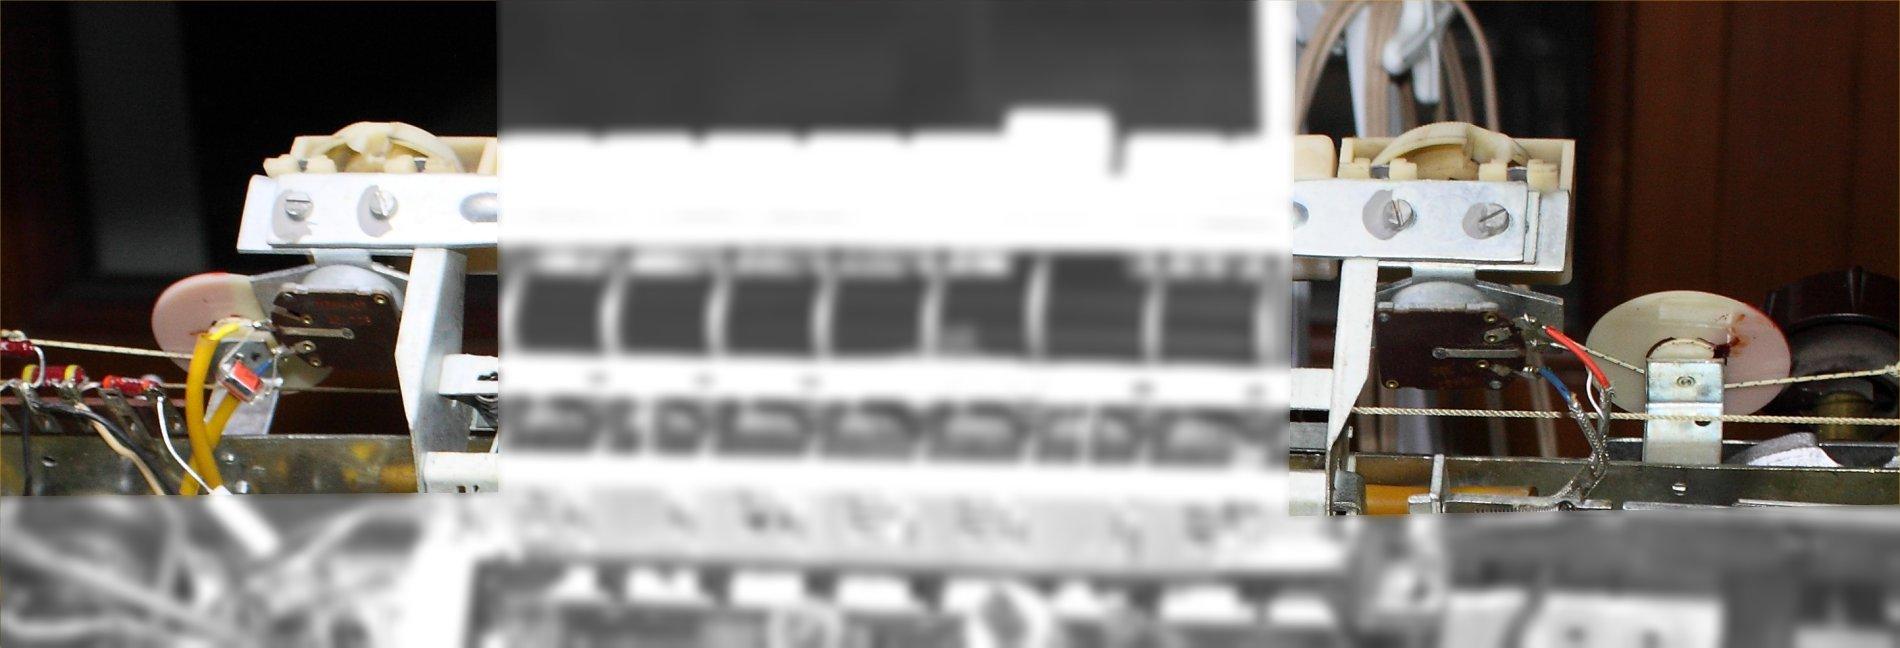 Nordmende Tannhauser 58